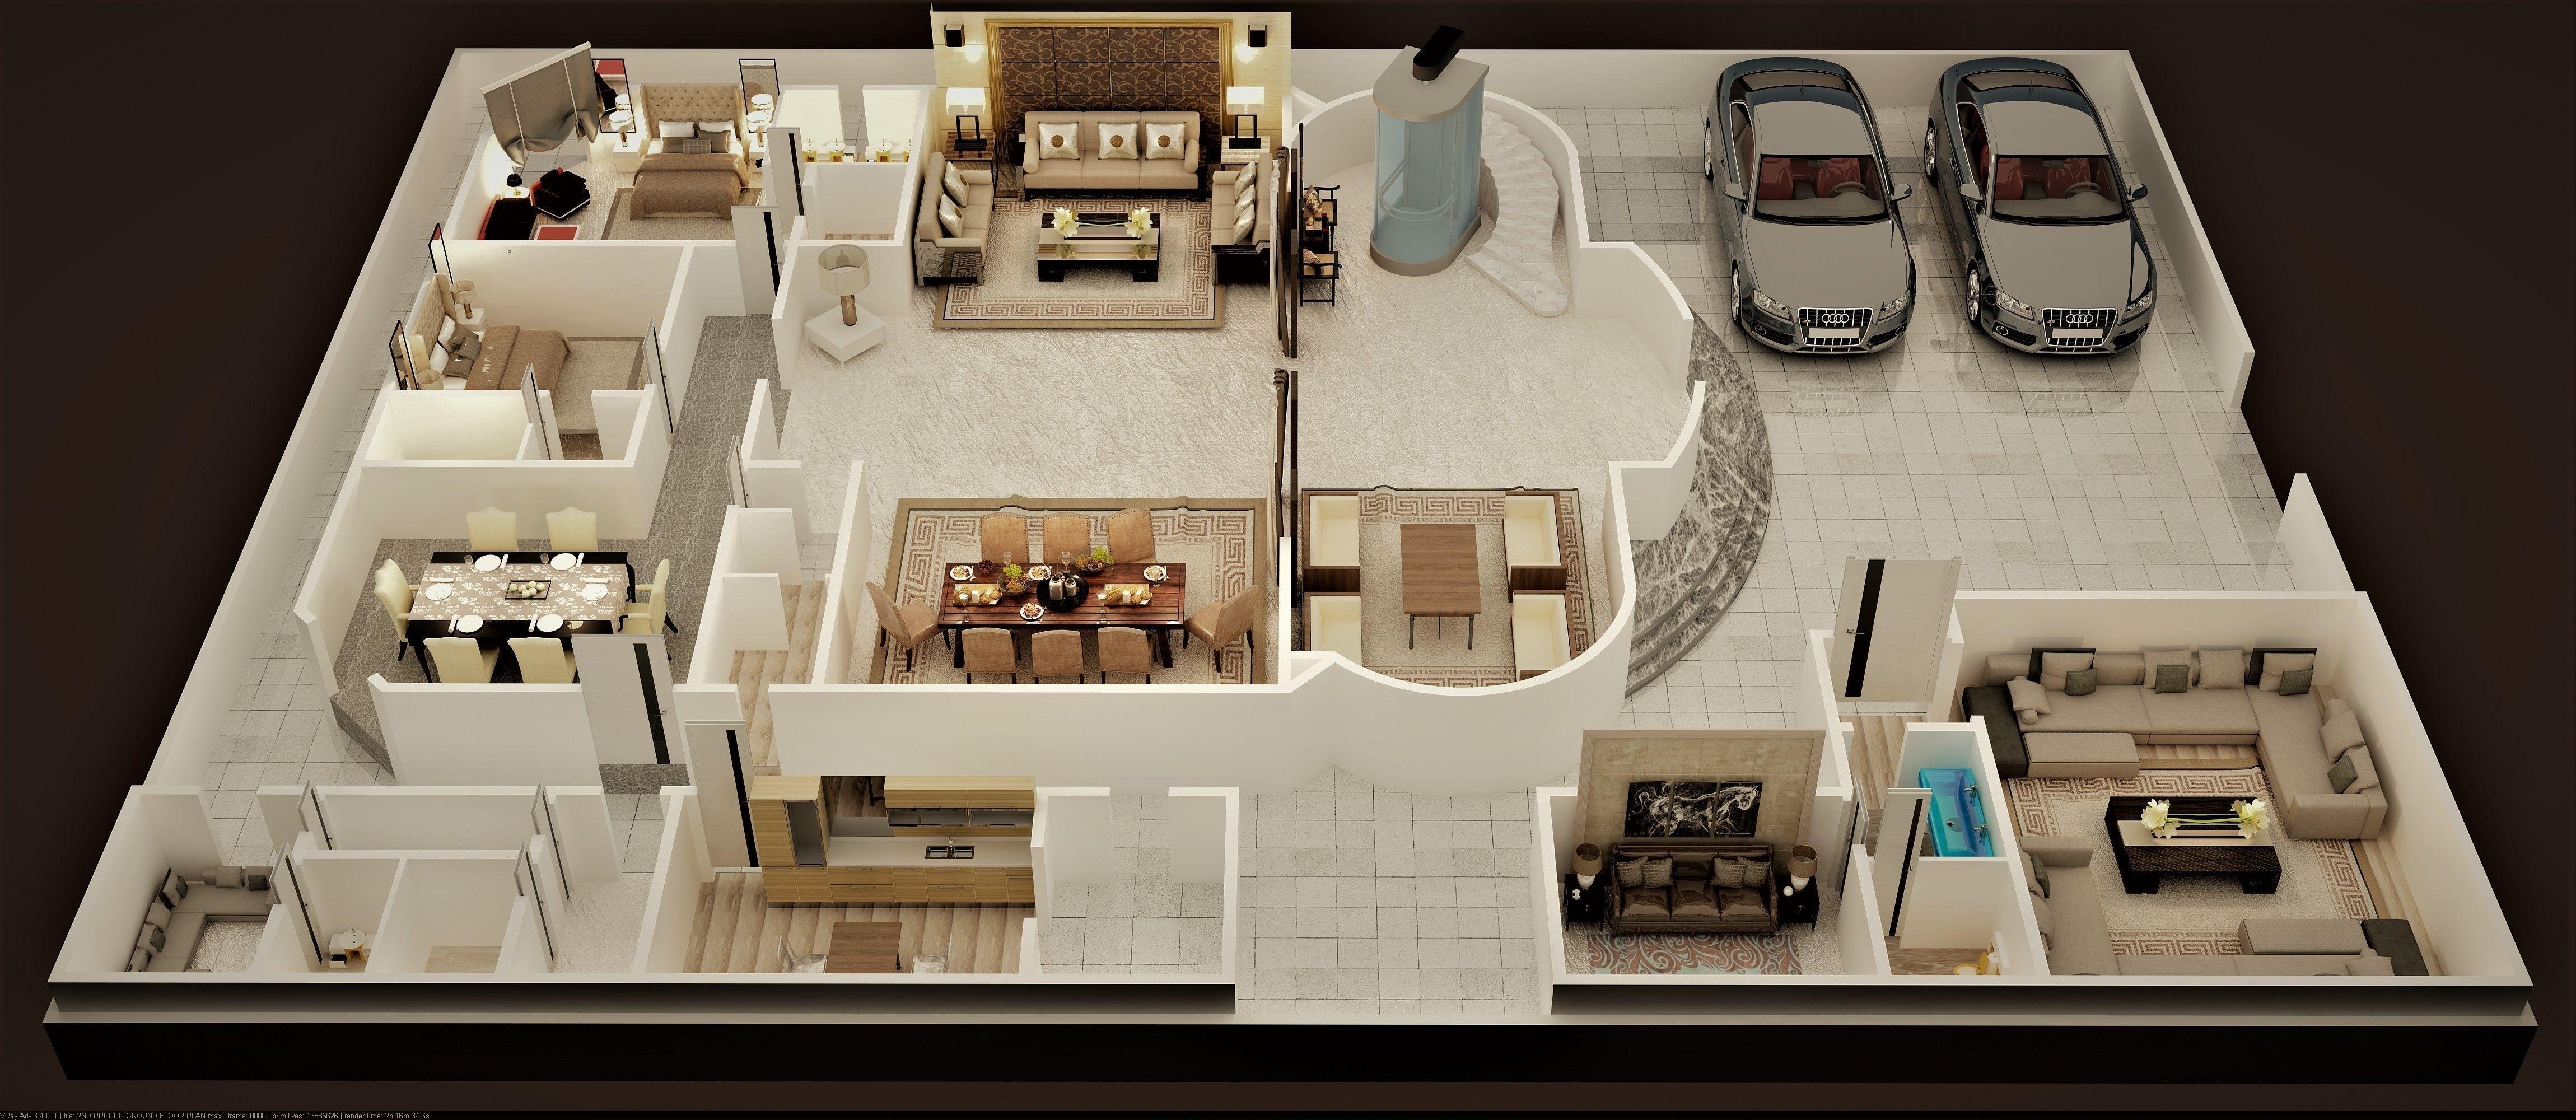 3d Floor Plan Of Luxury House Ground Foor 3d Cgtrader Luxury Plan Rendered Floor Plan Floor Plans